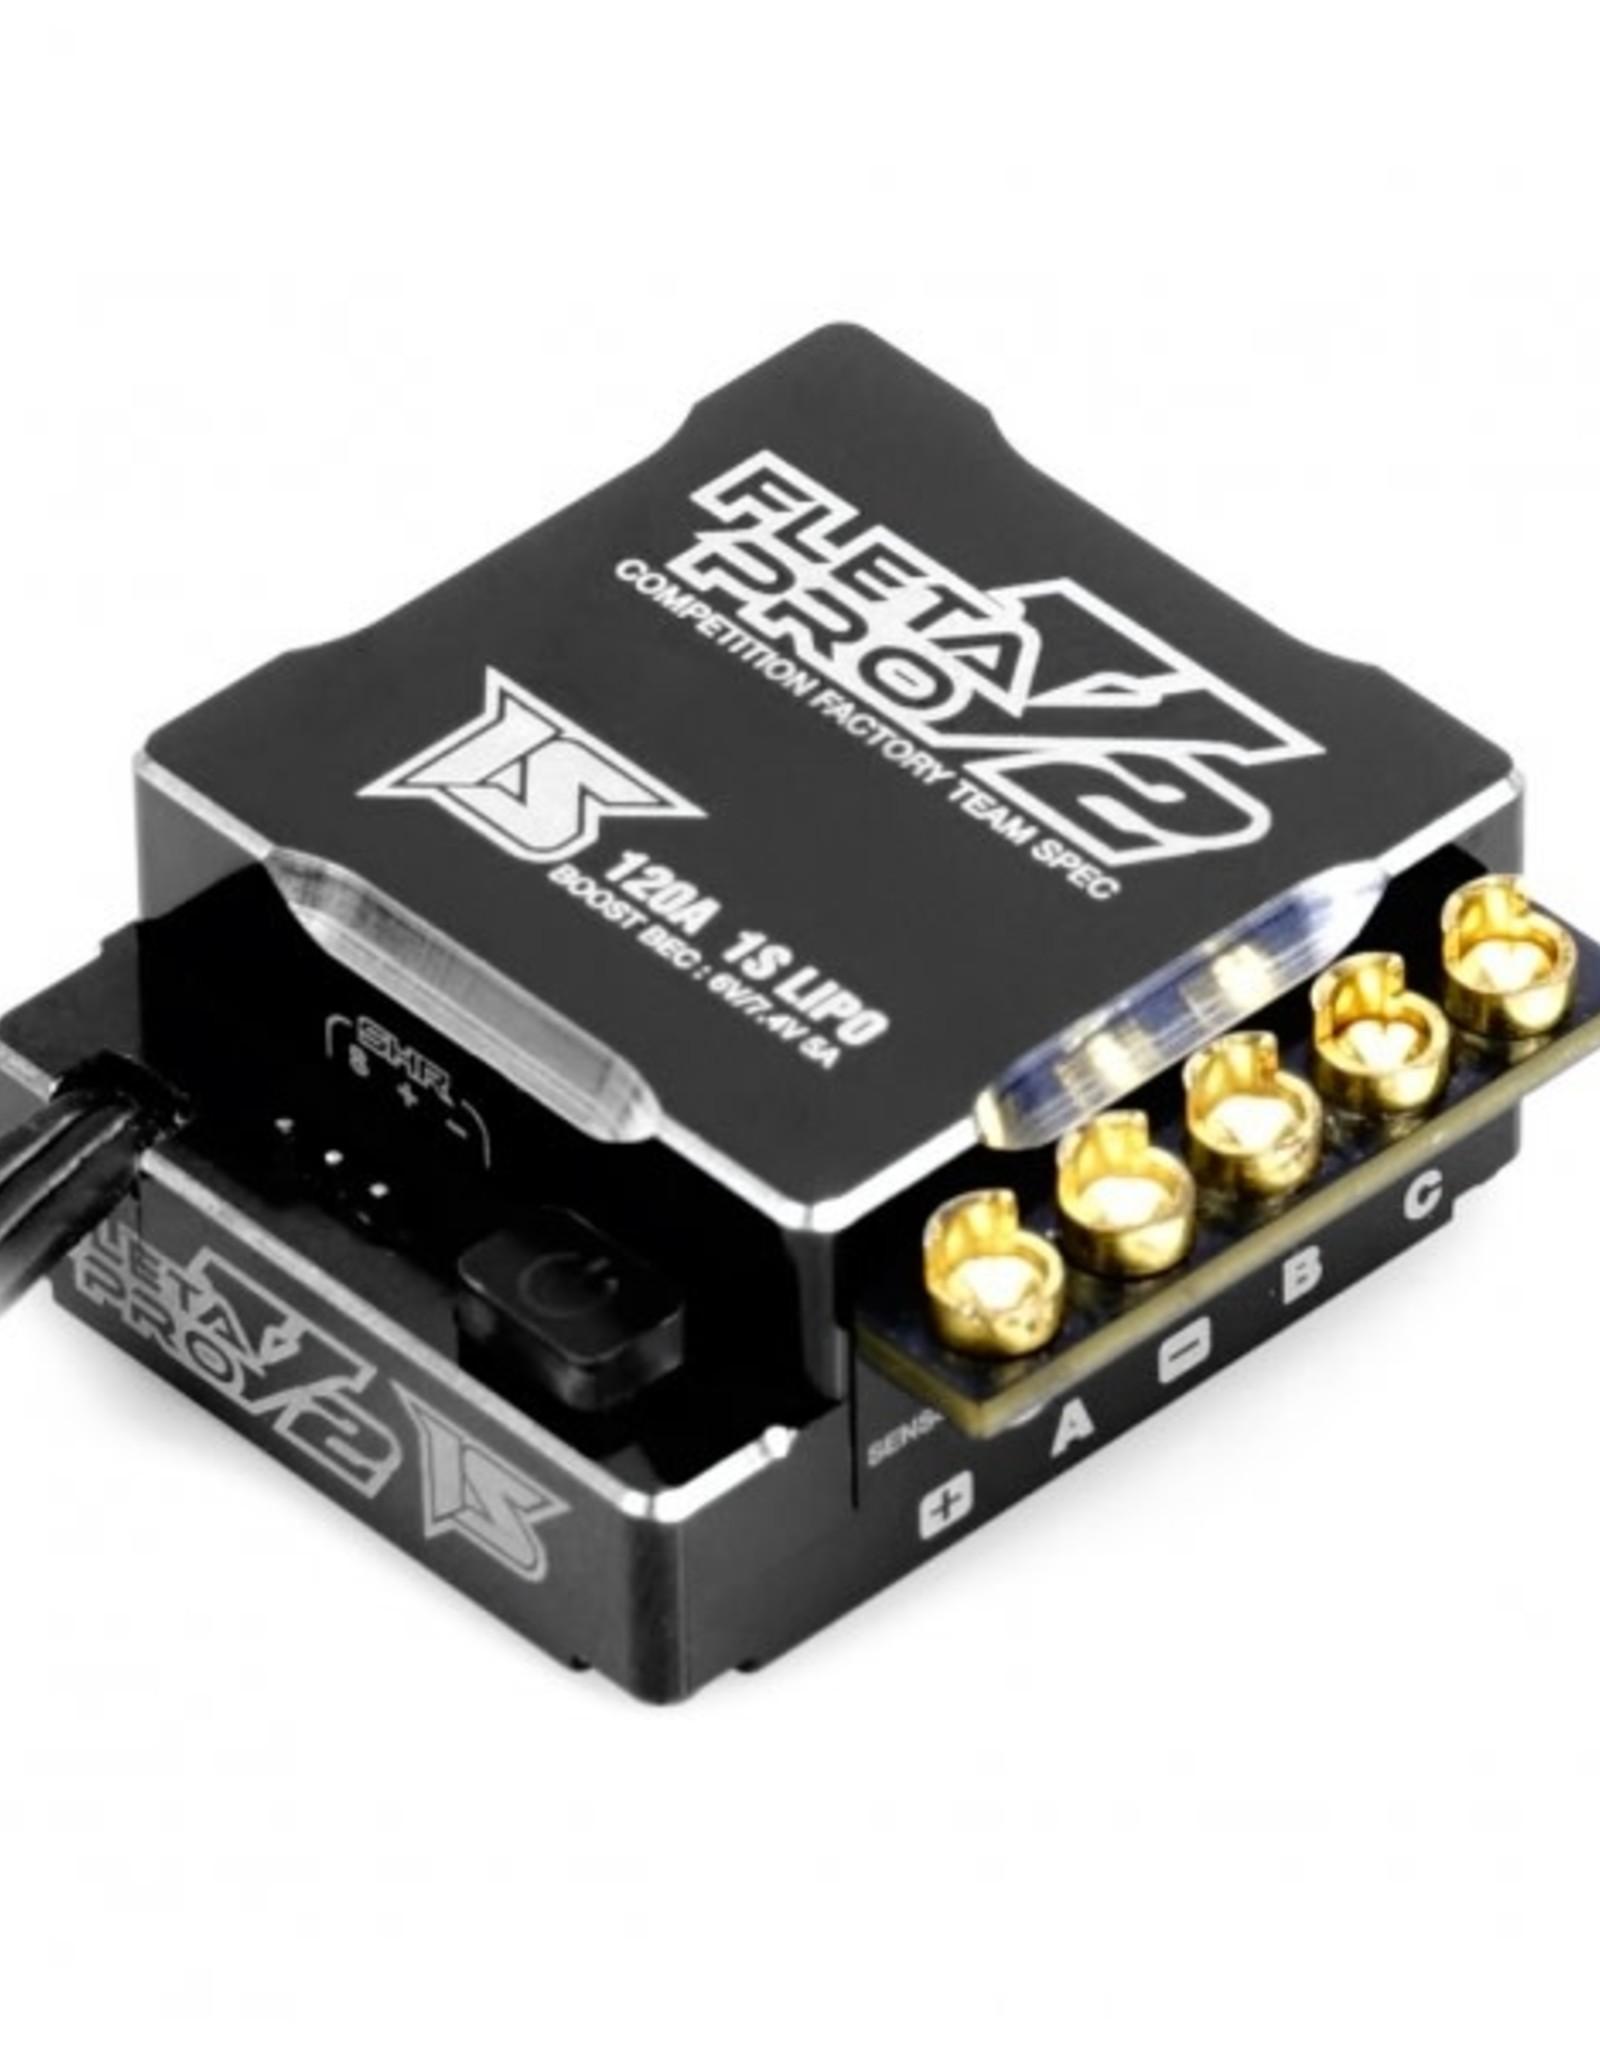 Muchmore FLETA PRO V2 1S Brushless ESC Black